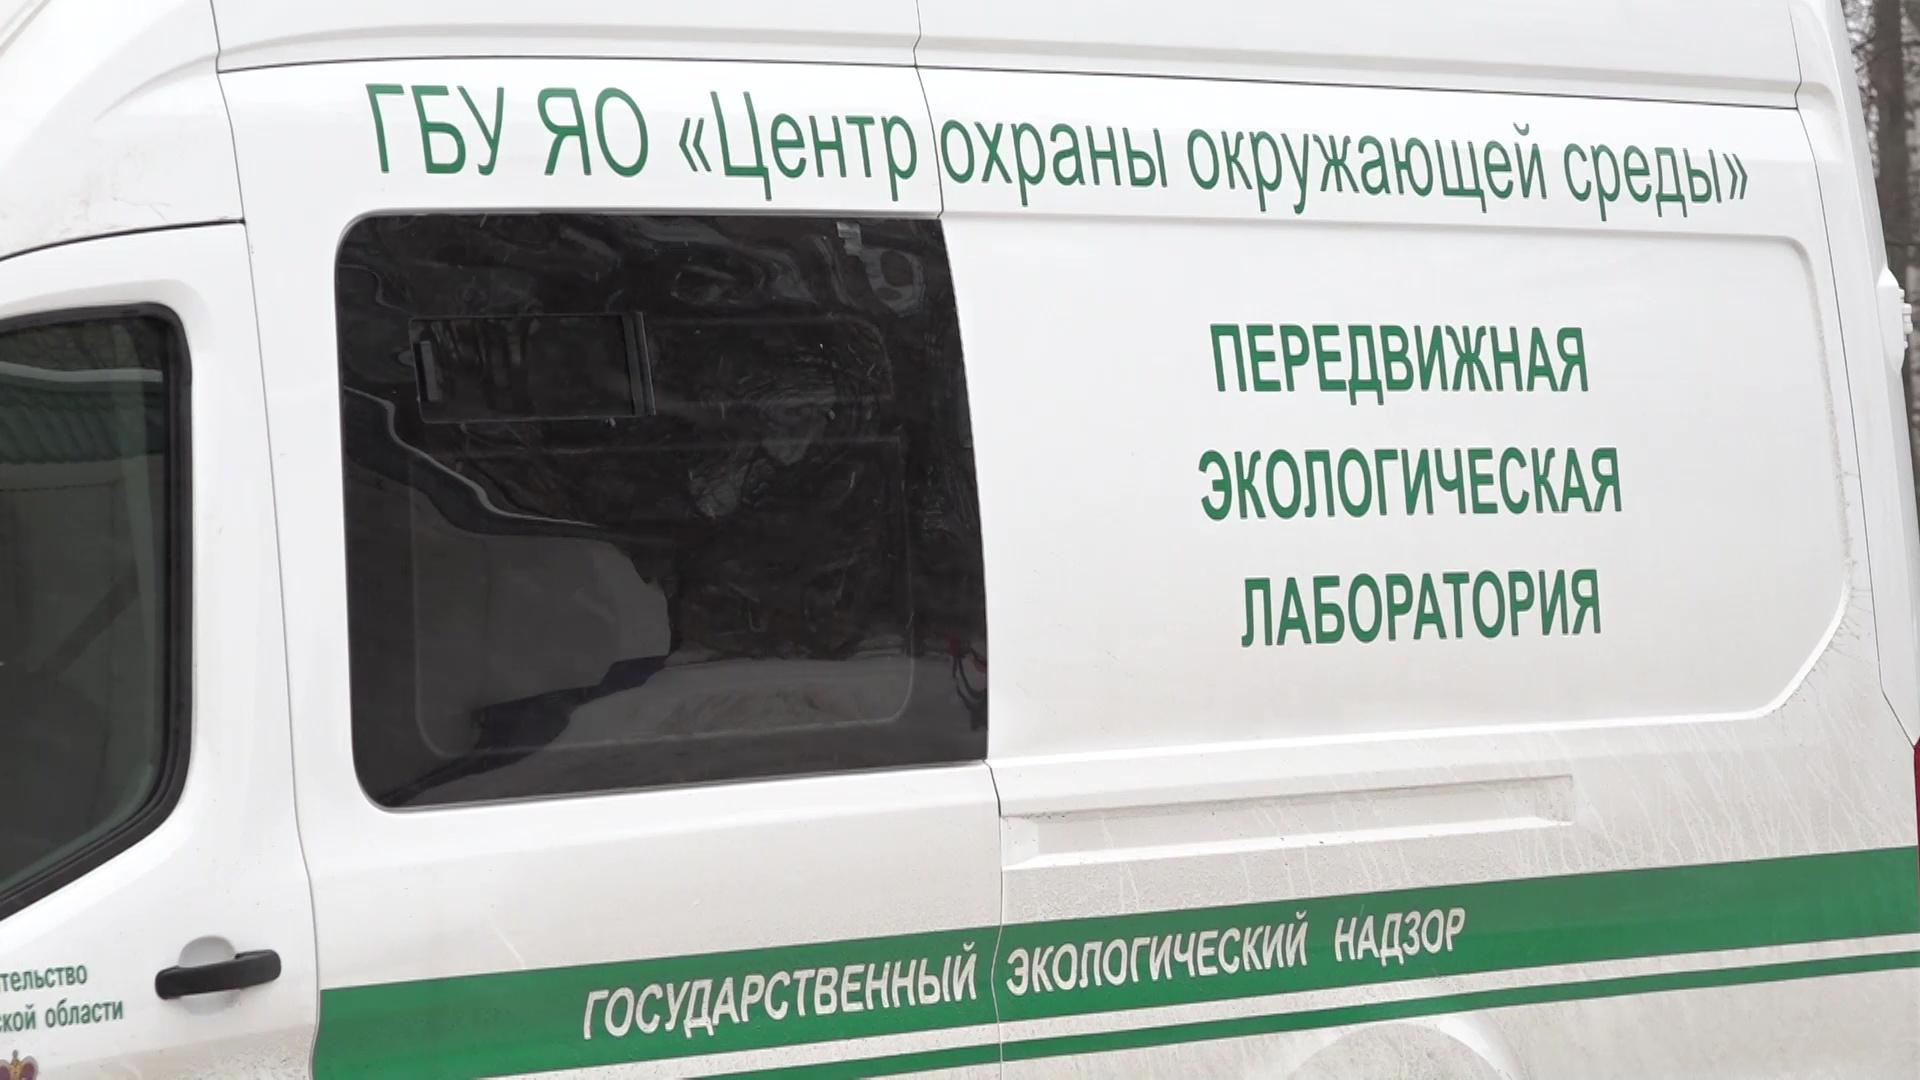 Мобильная эколаборатория взяла пробы в одном из районов Рыбинска после жалоб на запахи